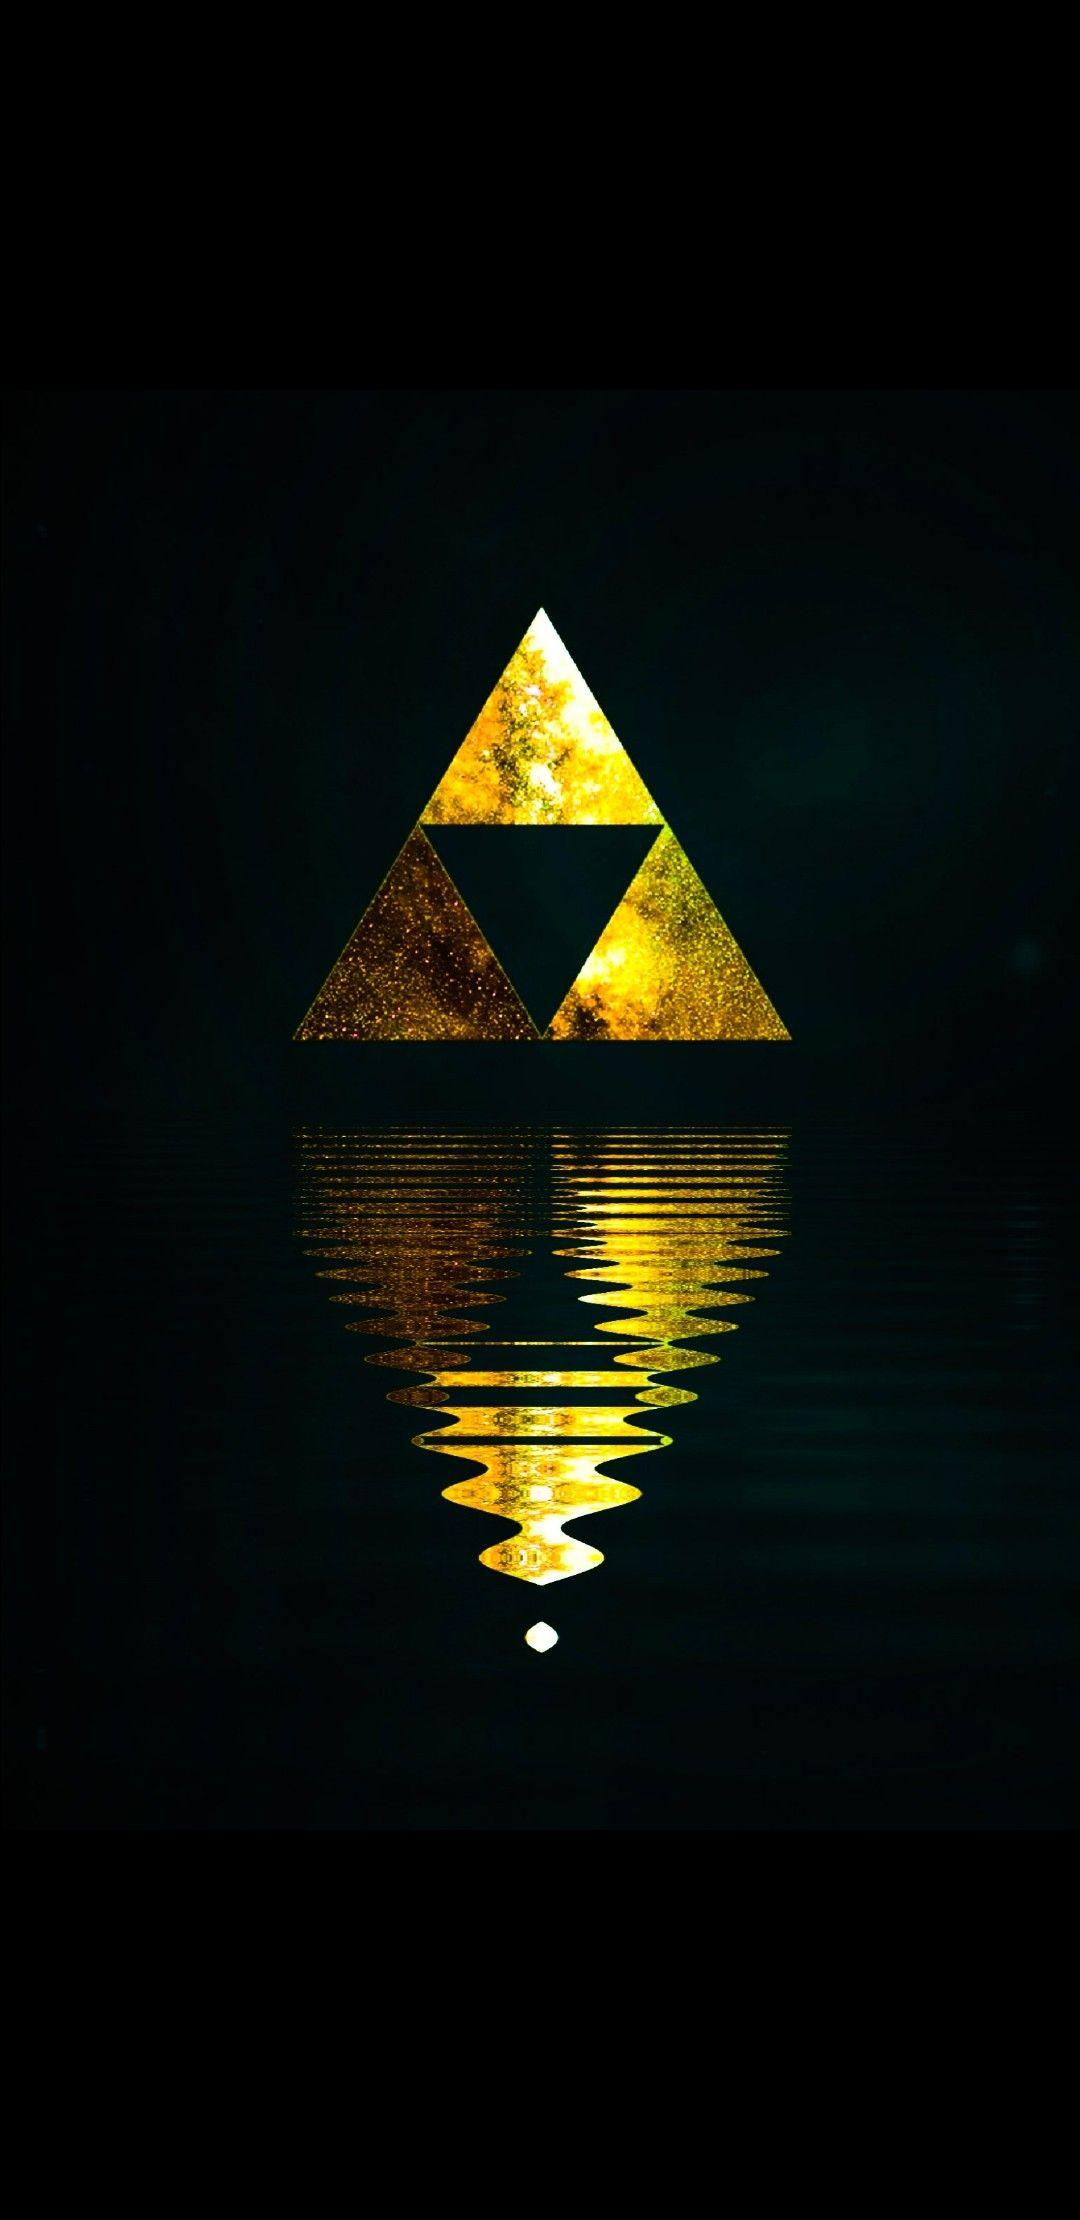 Zelda Amoled Wallpaper Triforce Breath Of The Wild Wallpaper Legend Of Zelda